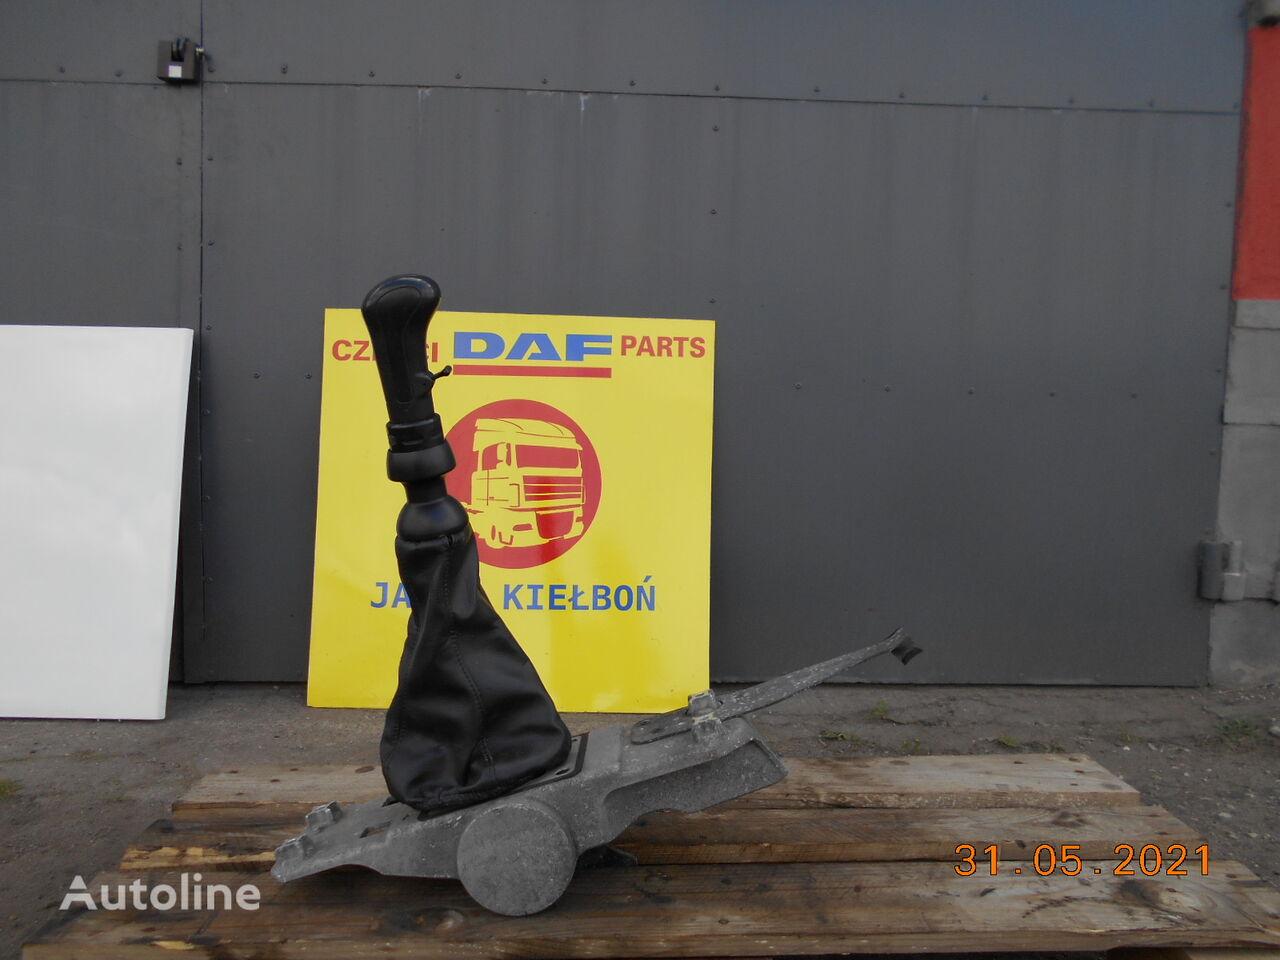 DŹWIGNIA ZMIANY BIEGÓW gear shifter for DAF XF 106 tractor unit